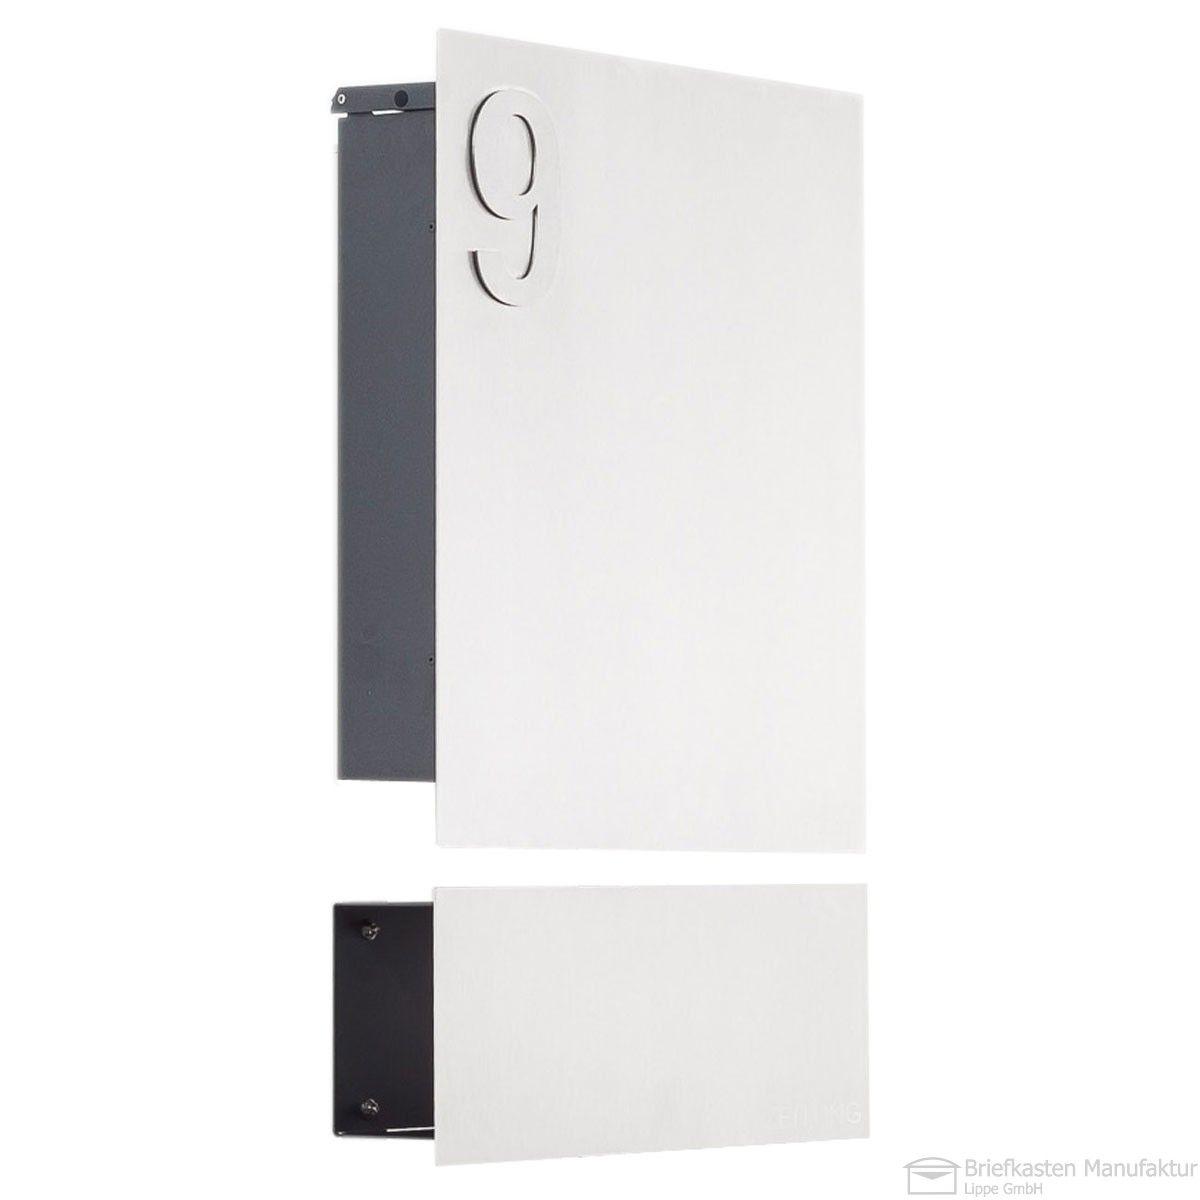 Edelstahl Designer Briefkasten Modell 120 mit Hausnummer & Zeitungsfach Korpus Anthrazit